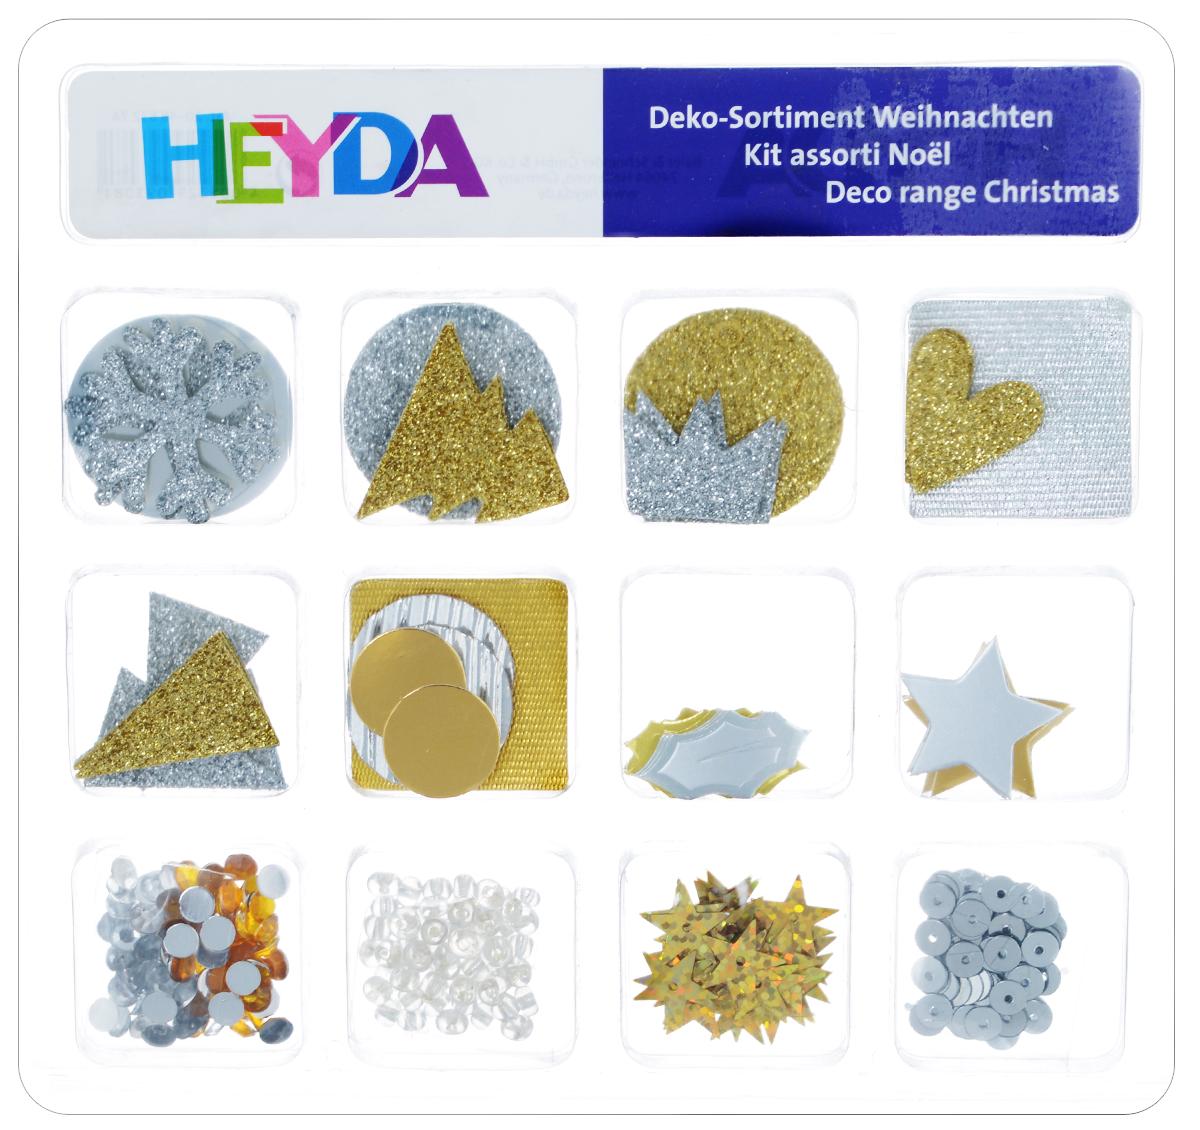 Декоративный набор для скрапбукинга Heyda Christmas, 12 дизайнов204883274Набор Heyda Christmas позволит оригинально украсить работы в стиле скрапбукинг. Вы сможете создать красивый альбом, фоторамку или открытку ручной работы, оформить подарок или аппликацию. В наборе - различные элементы декора 12 дизайнов (стикеры, бусины, стразы, пайетки, фигурки из бумаги). Скрапбукинг - это хобби, которое способно приносить массу приятных эмоций не только человеку, который этим занимается, но и его близким, друзьям, родным. Это невероятно увлекательное занятие, которое поможет вам сохранить наиболее памятные и яркие моменты вашей жизни, а также интересно оформить интерьер дома. Средний размер декоративных фигурок: 2 см х 2 см.